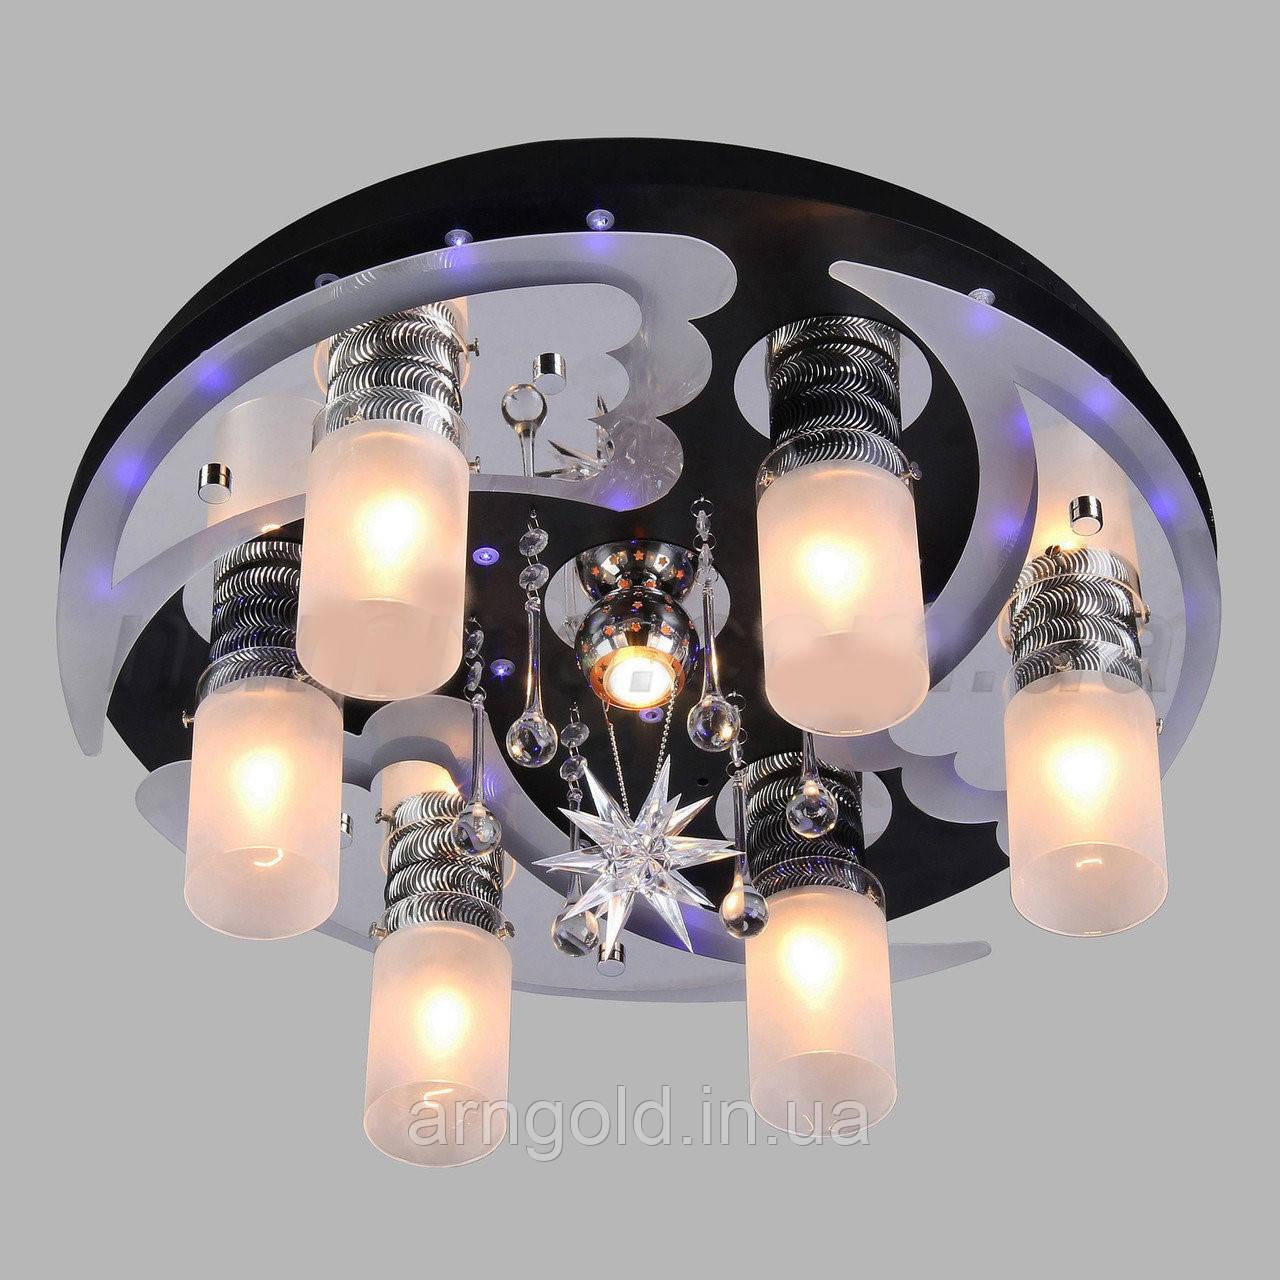 Люстра потолочная LED Космос 3-Y0932